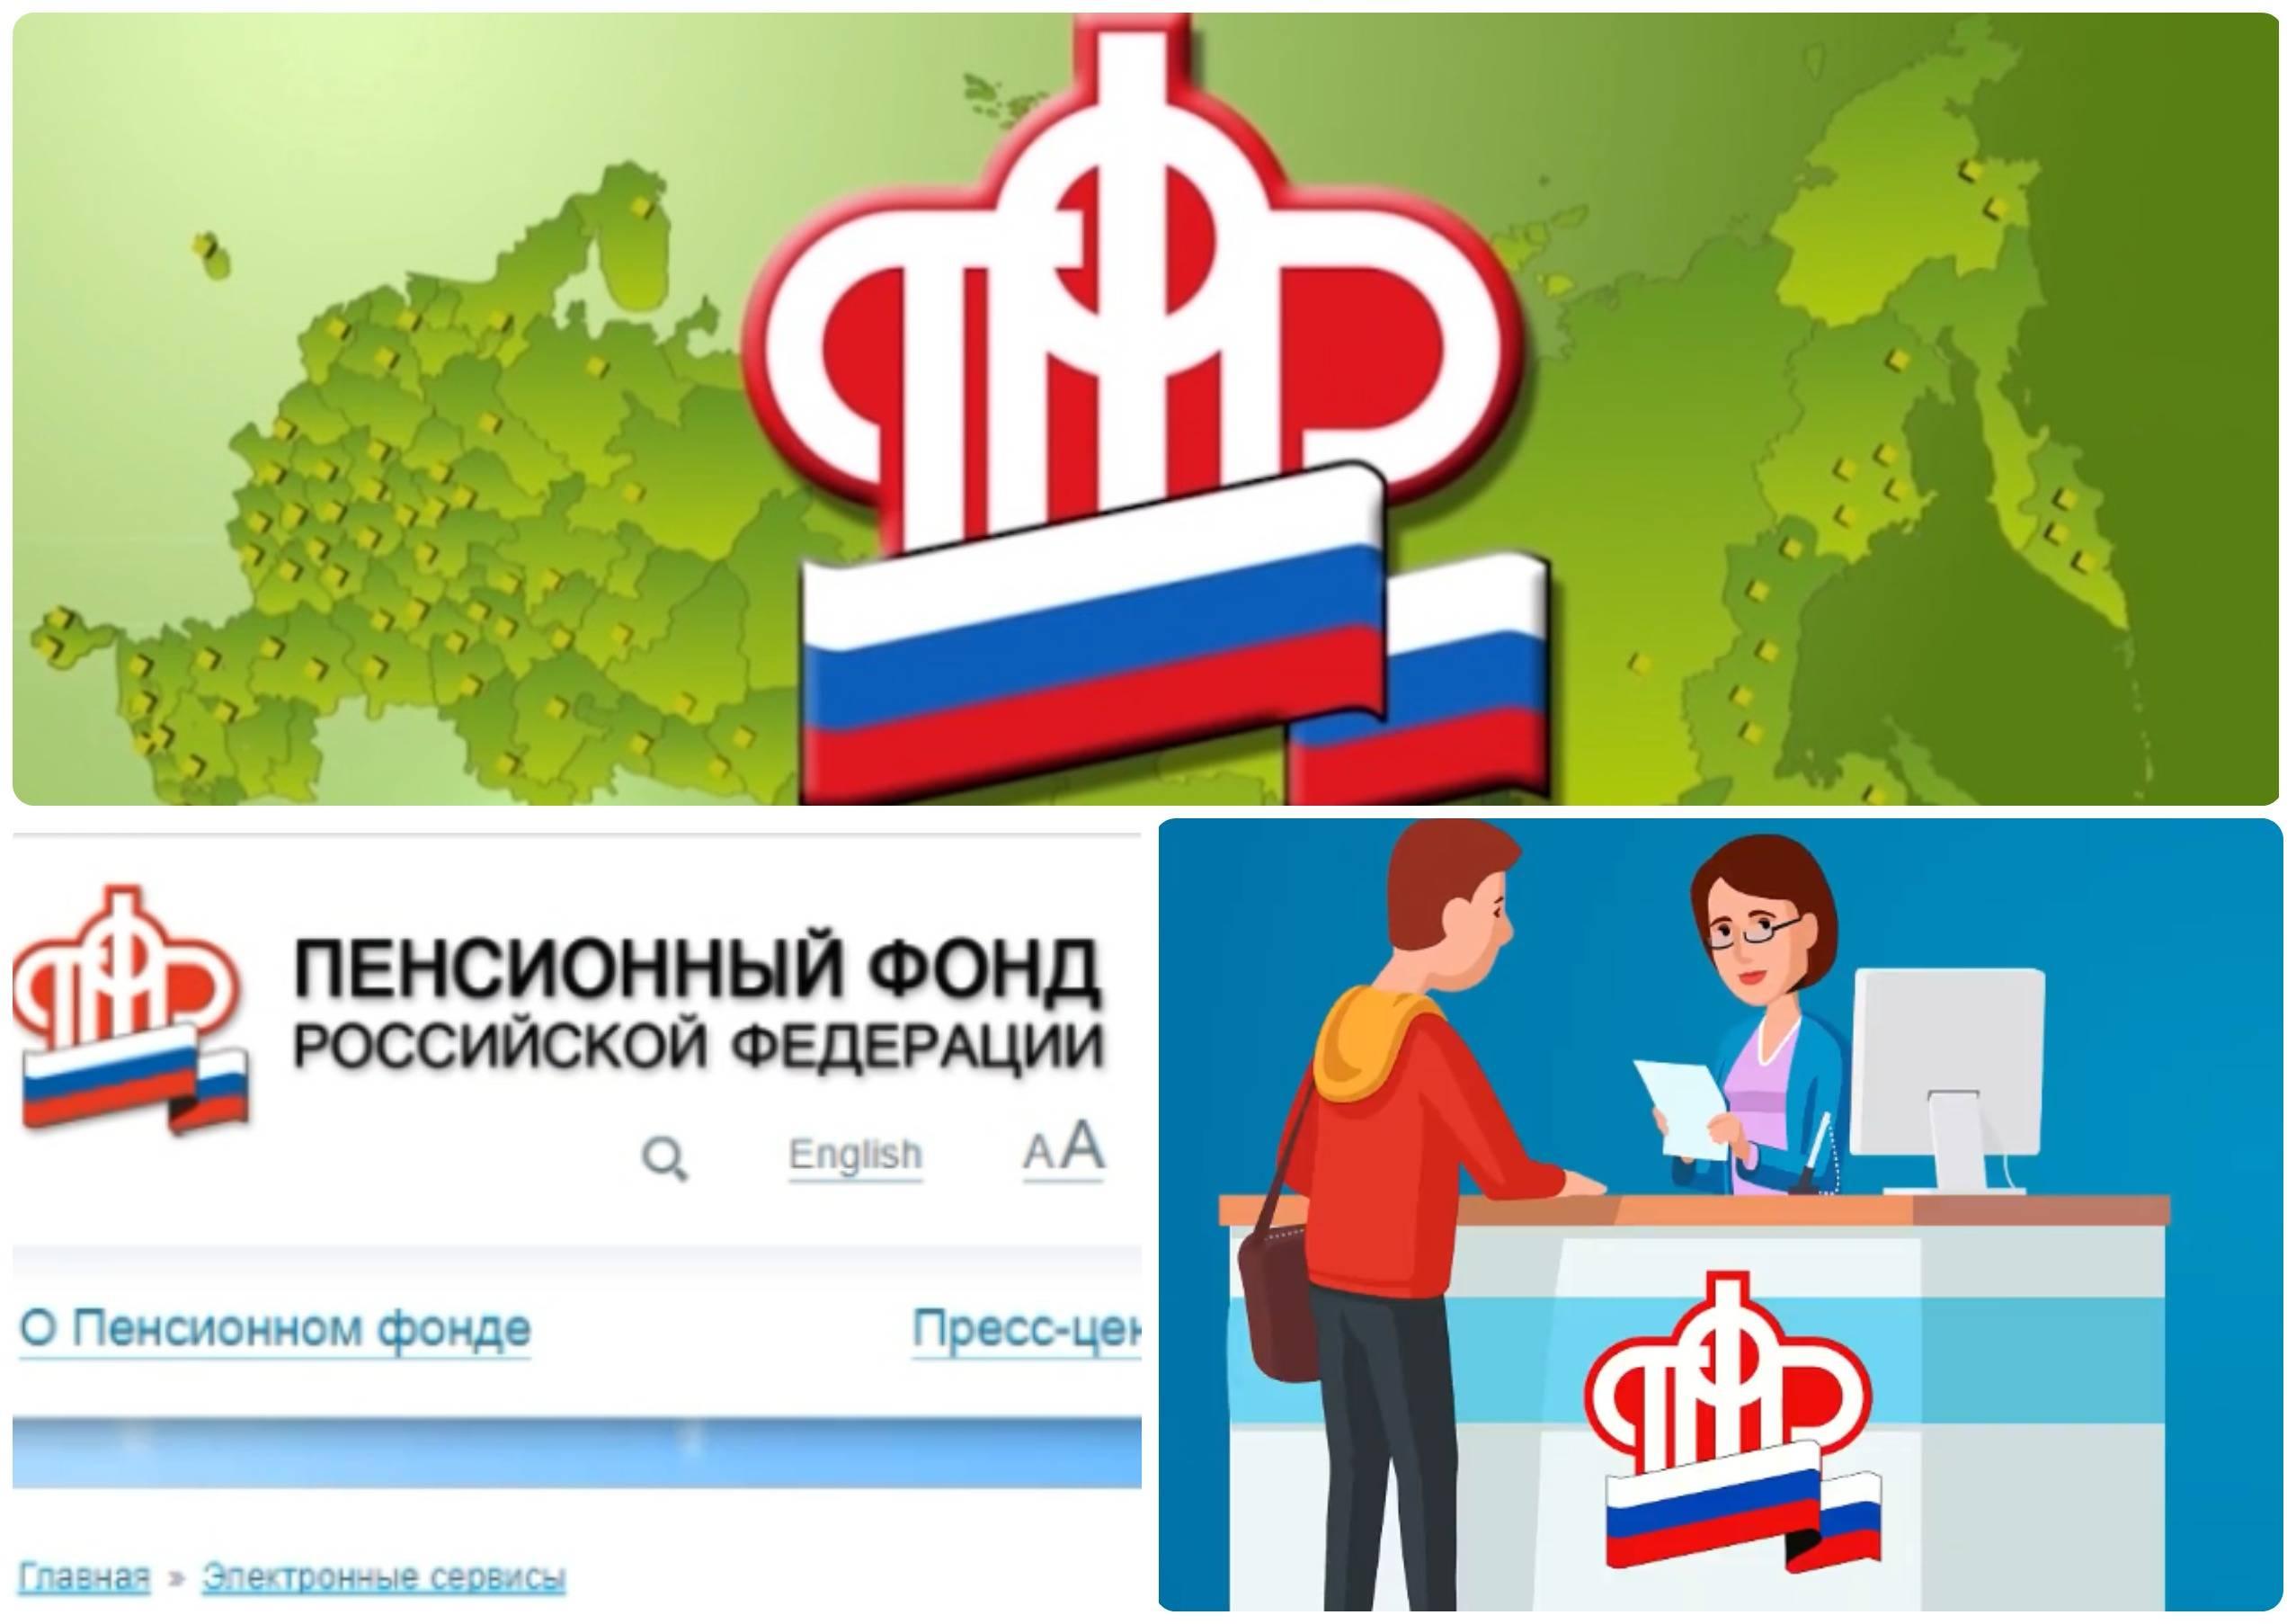 Пенсионный фонд российской федерации (пфр) — вся контактная информация   fundinfo.ru